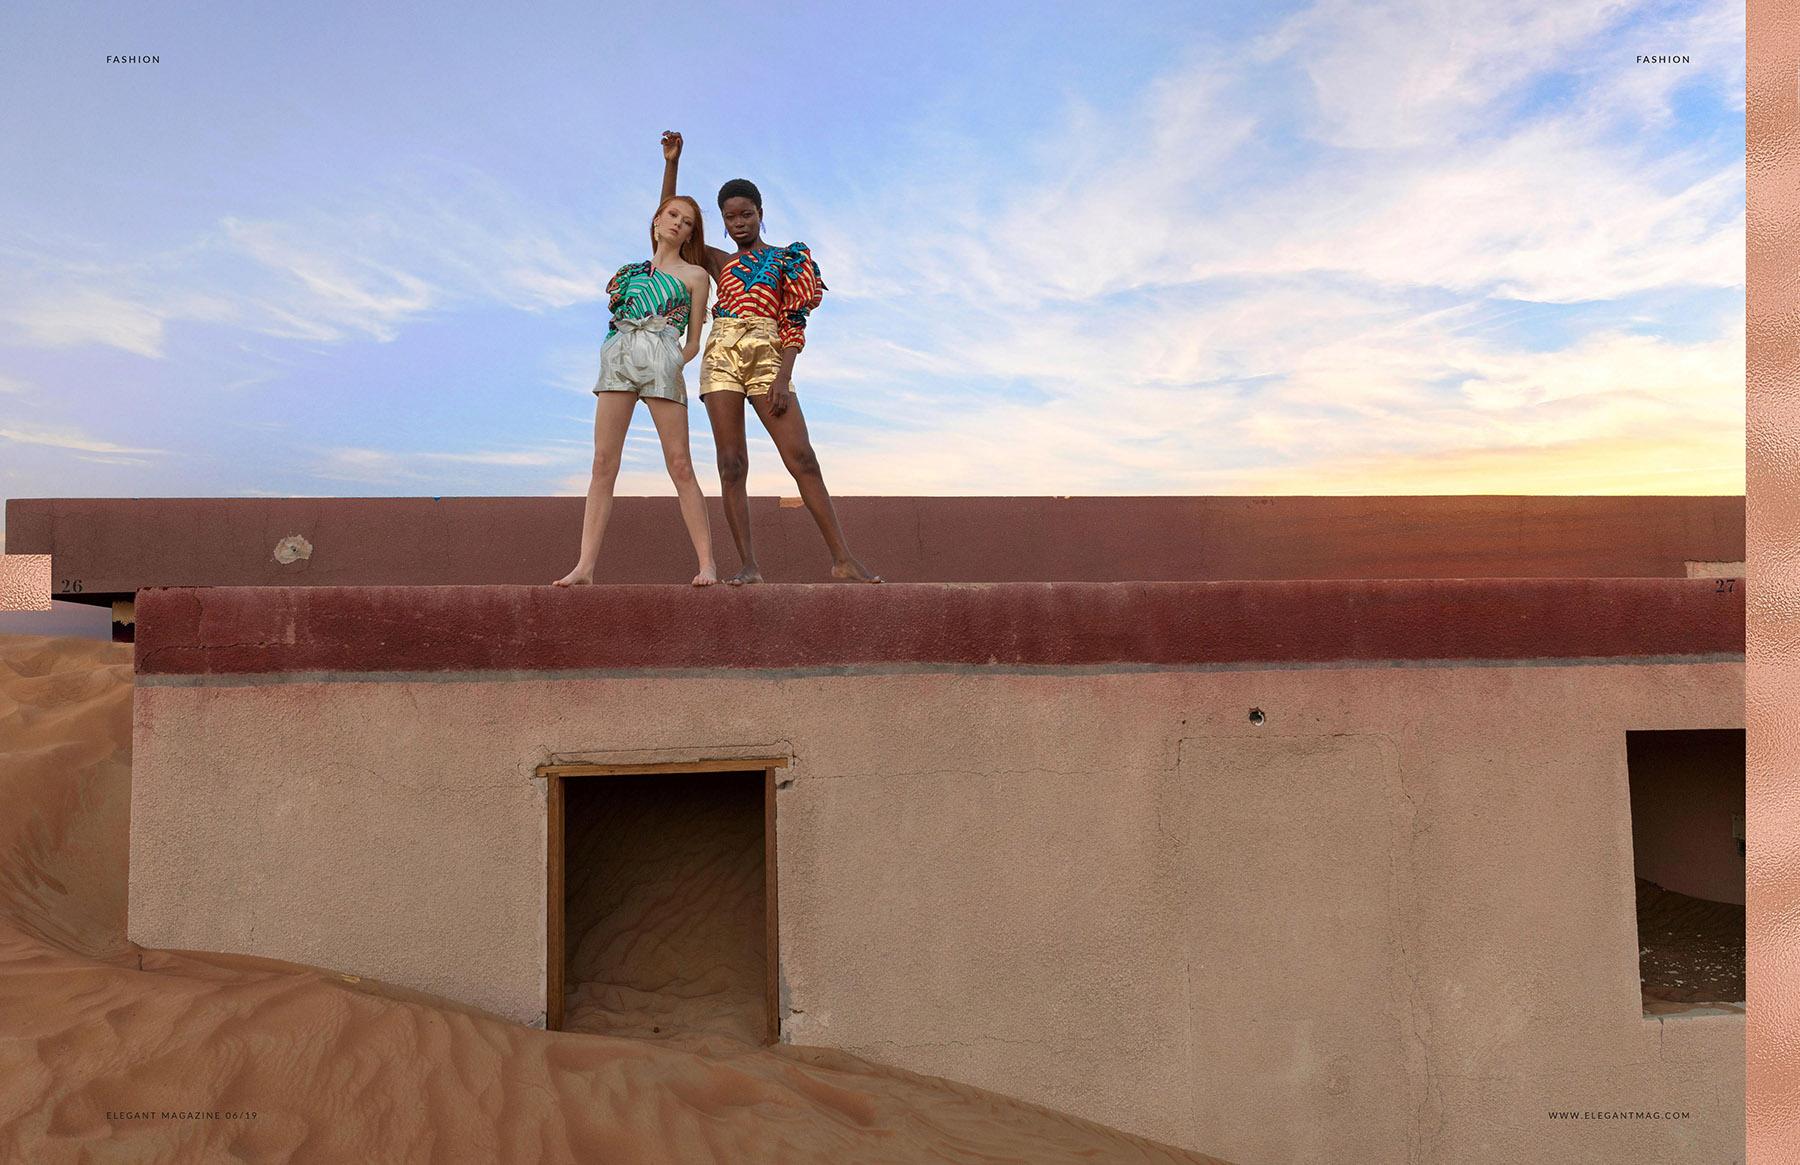 Stunning desert photoshoot published in Elegant Magazine by Loesje Kessels Fashion Photographer Dubai